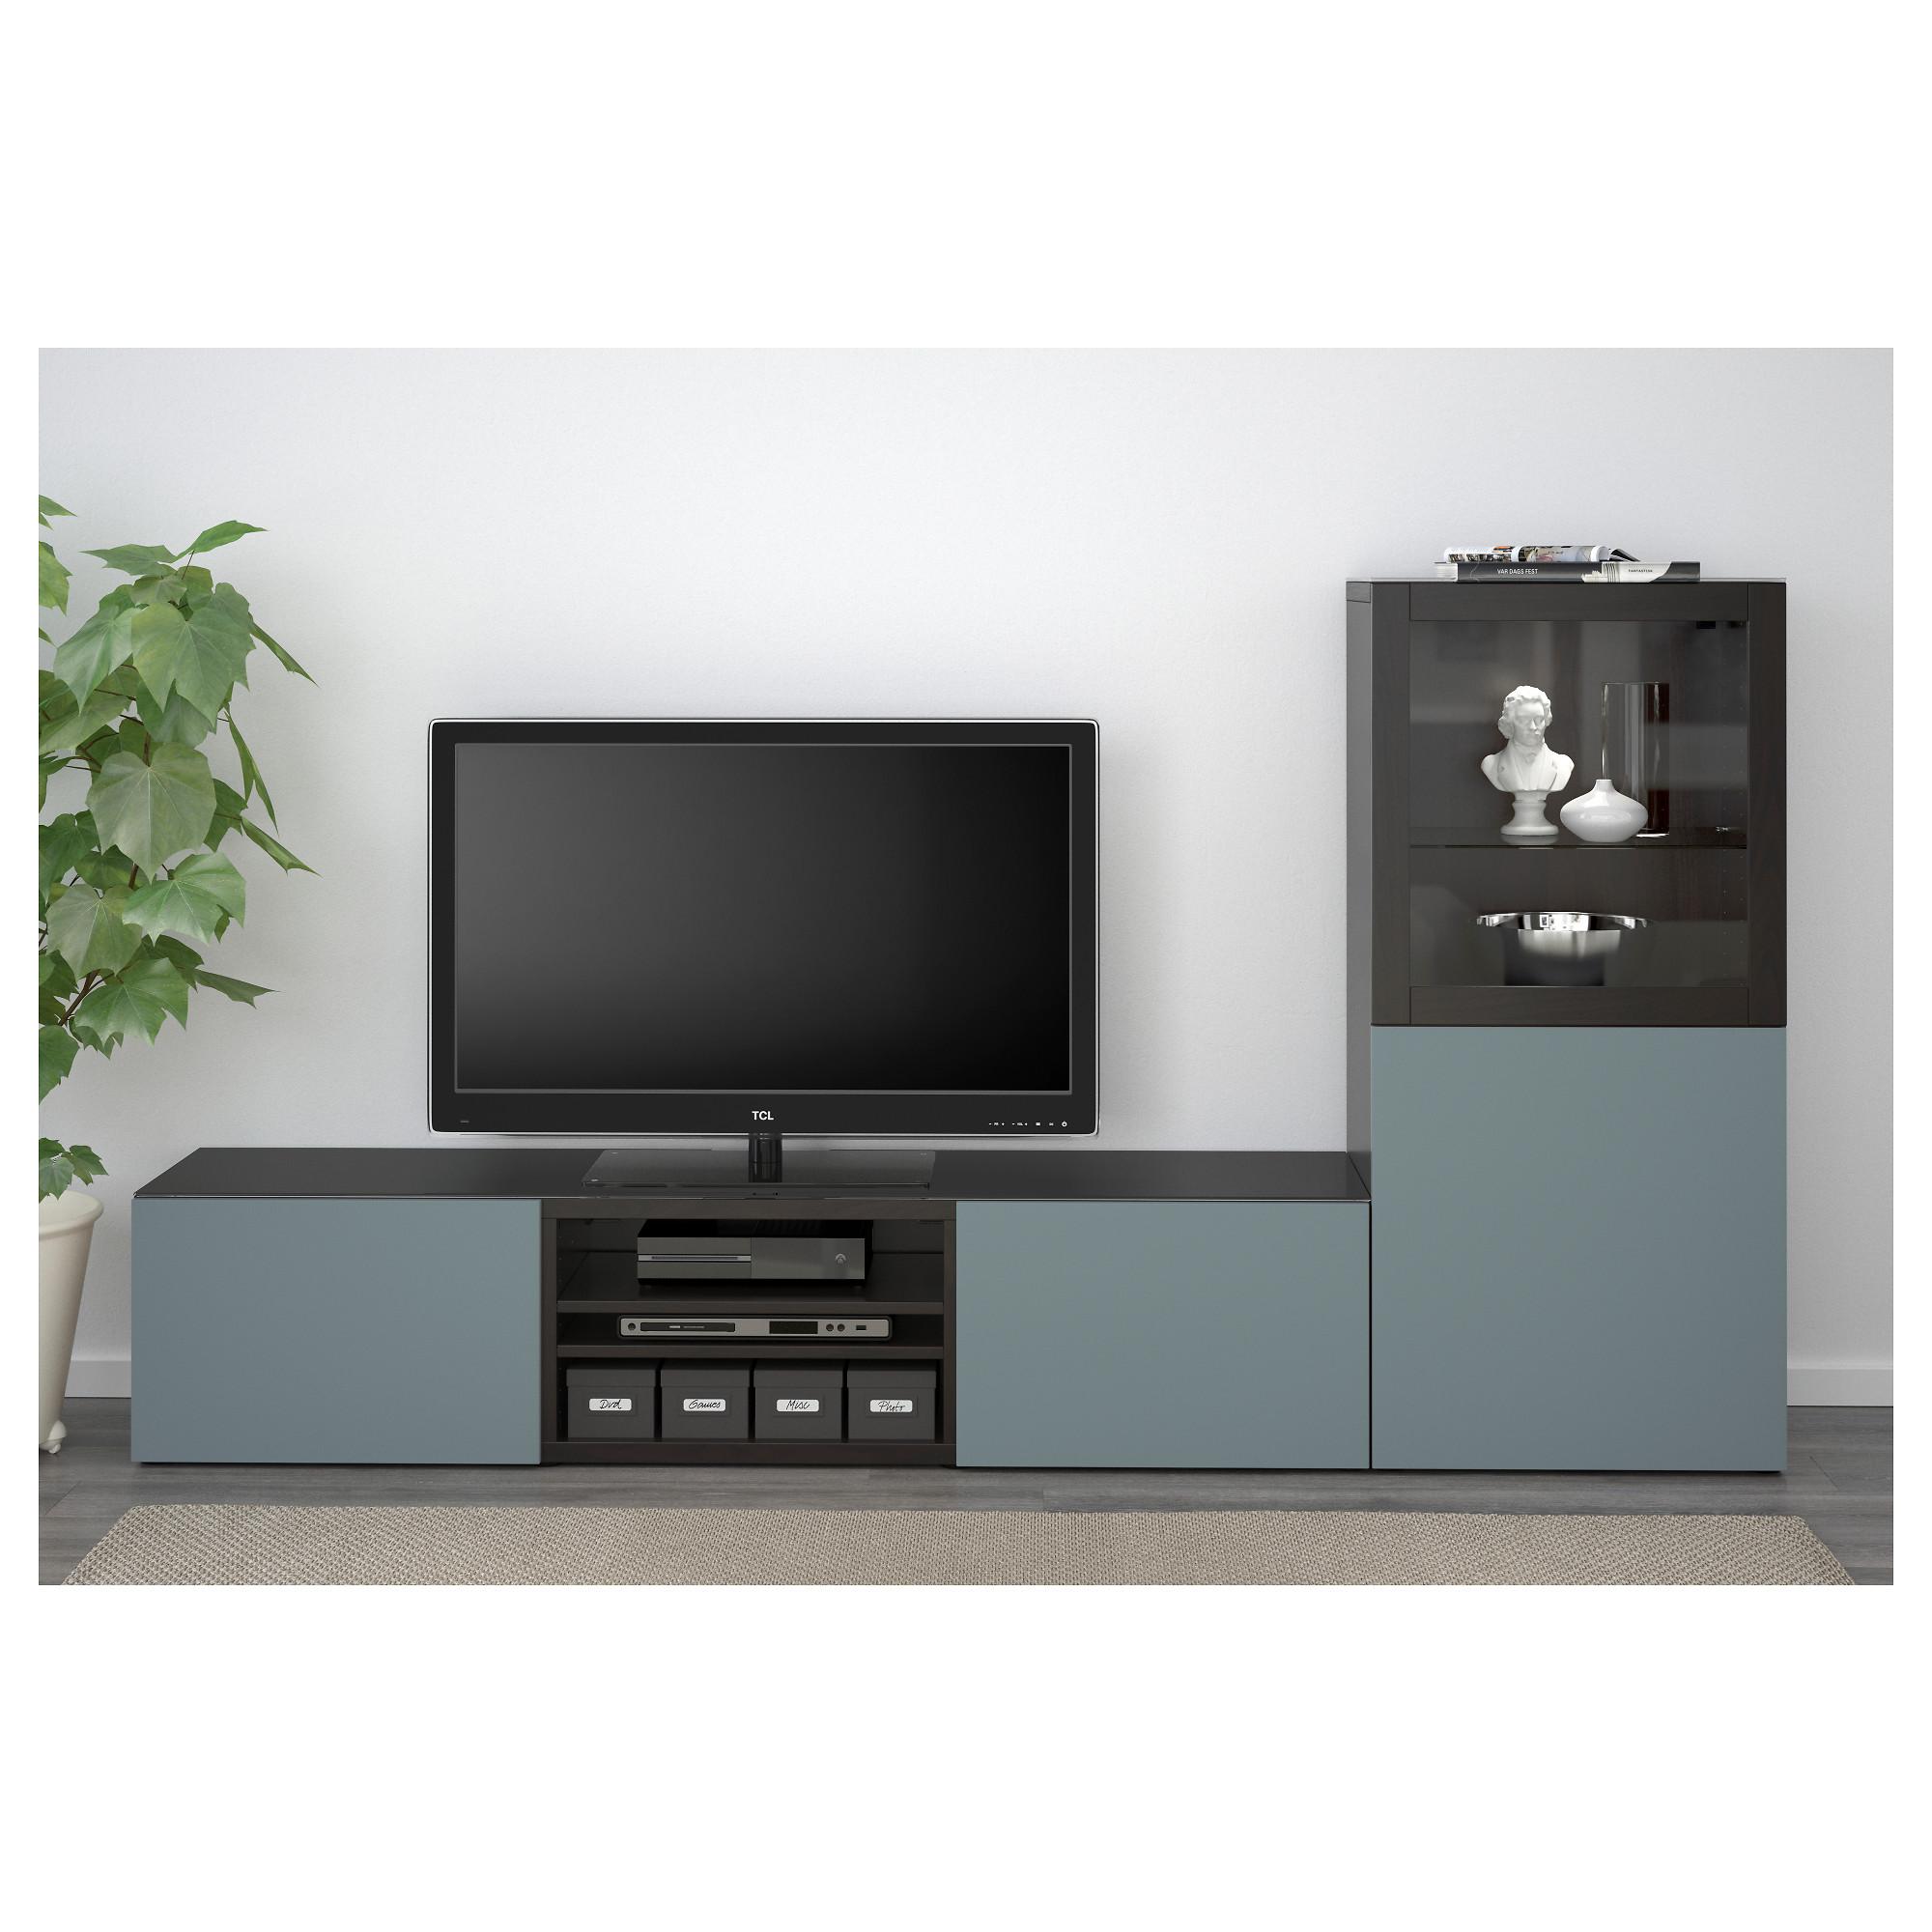 Шкаф для ТВ, комбинированный, стекляные дверцы БЕСТО артикуль № 792.453.06 в наличии. Интернет магазин IKEA РБ. Недорогая доставка и соборка.